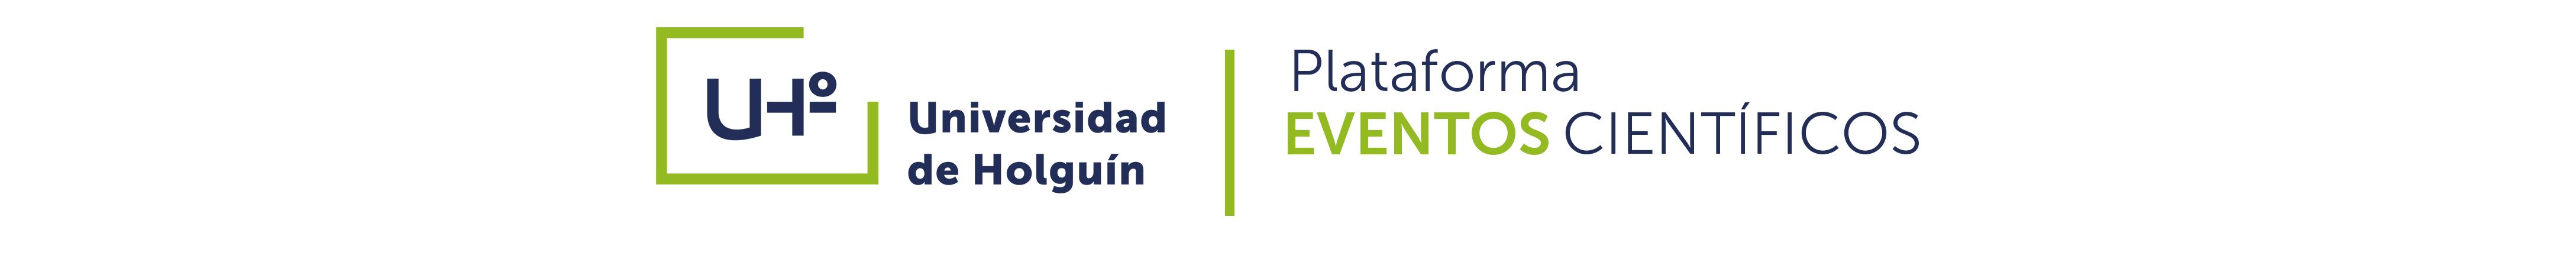 Plataforma de Eventos  Científicos